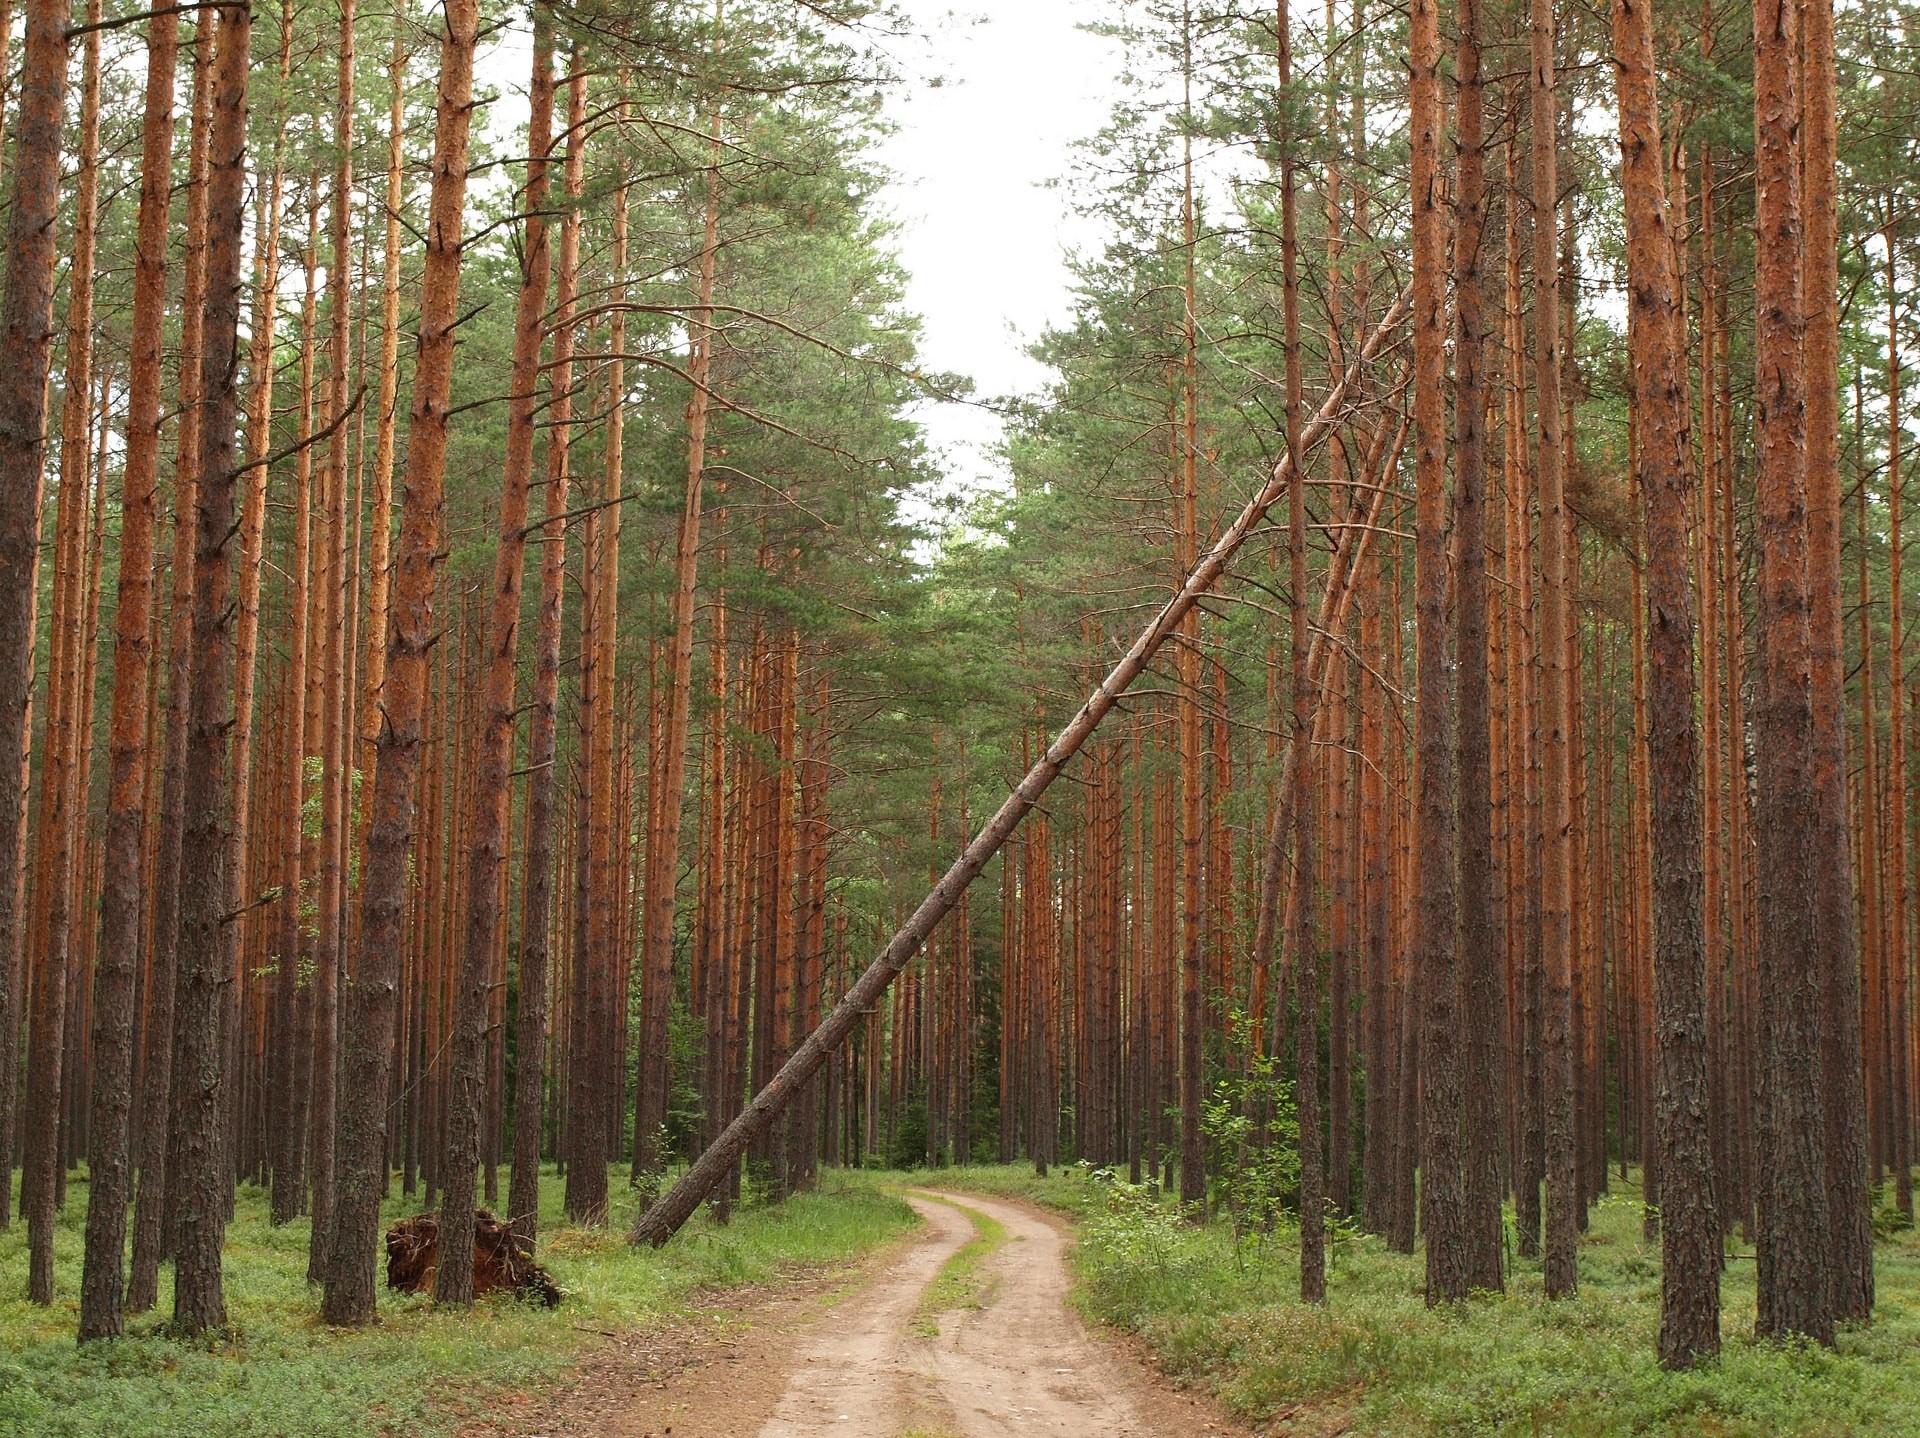 Kui praegu keskkonnaministeeriumis plaanitav metsaseaduse muudatus vastu võetakse, hakatakse Eestis senisest oluliselt rohkem metsa maha võtma. Foto: Flickri kasutaja Anita (CC by 2.0)